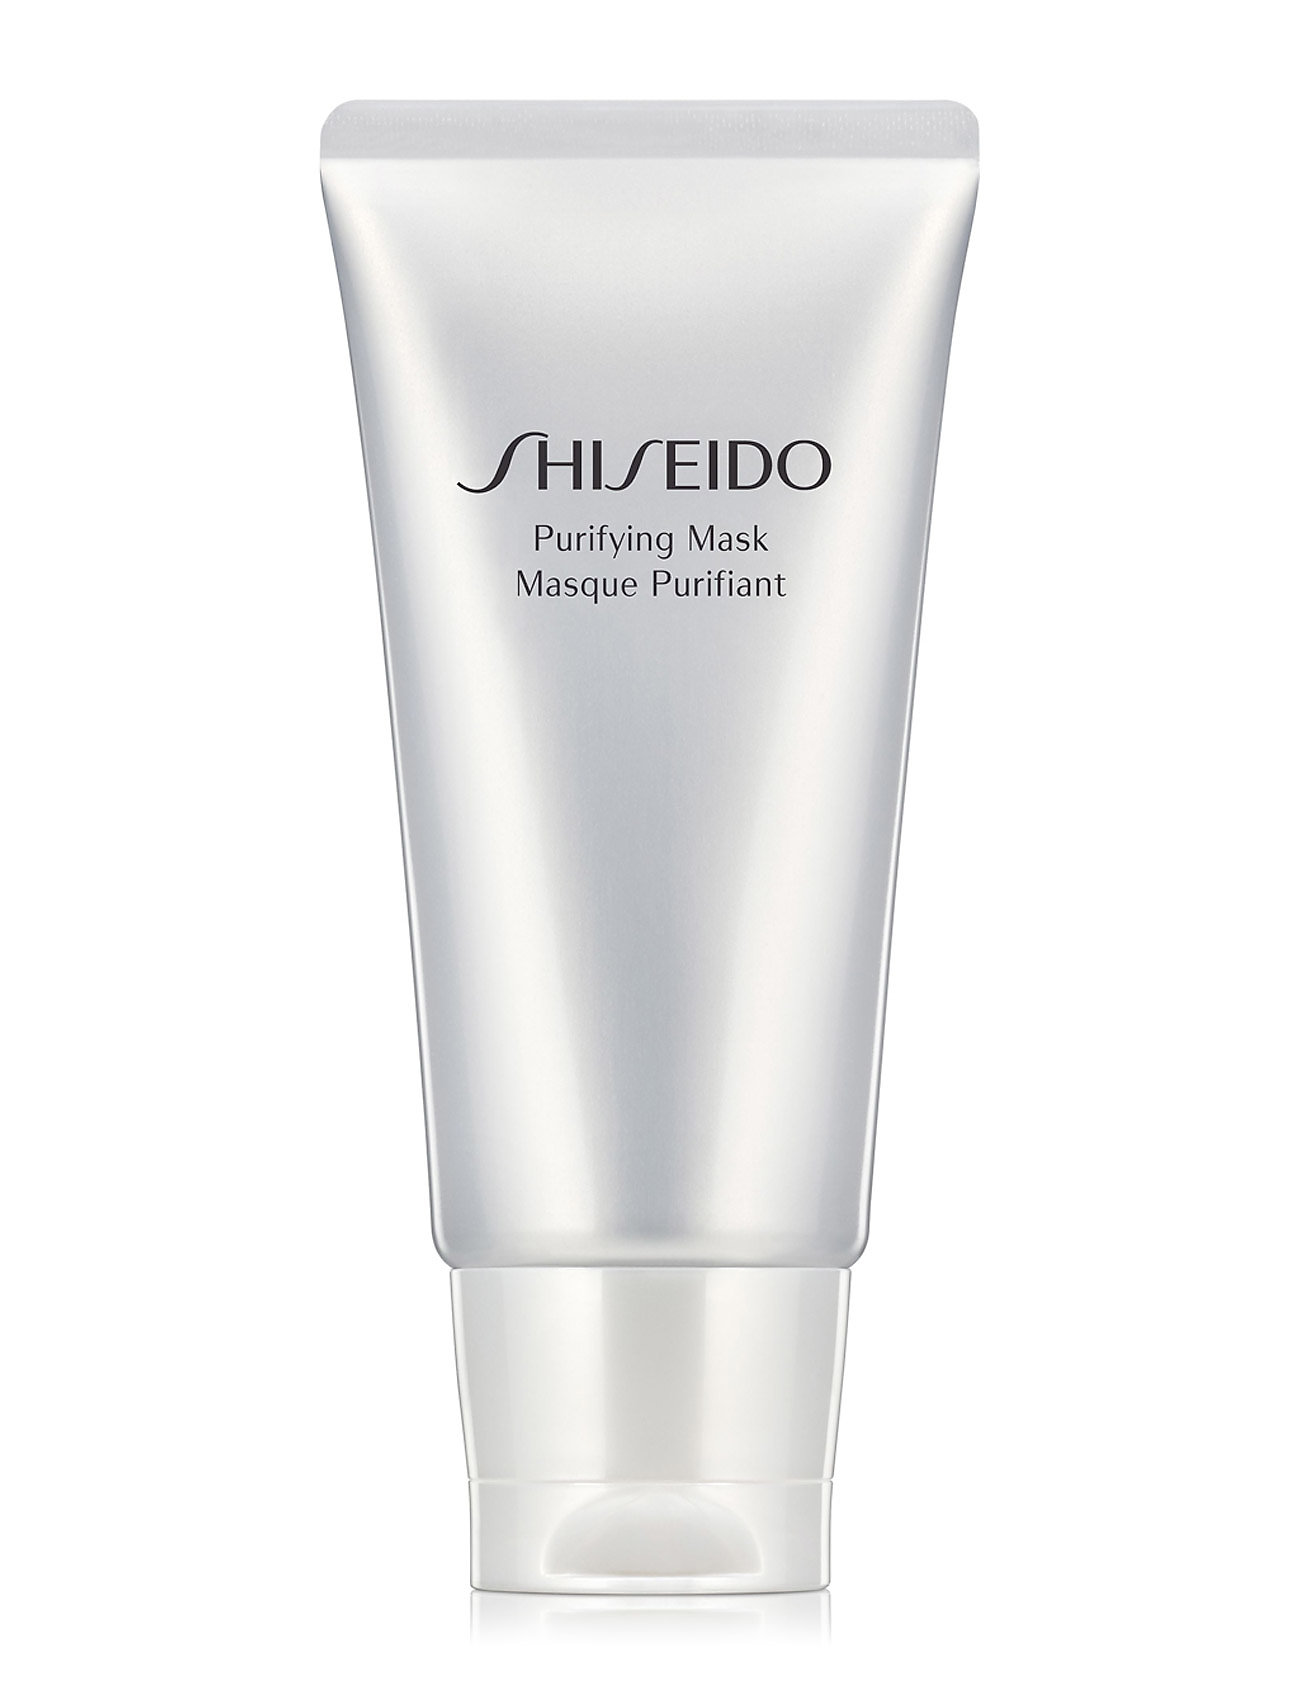 Image of Generic Skincare Purifyingmask Beauty WOMEN Skin Care Face Face Masks Nude Shiseido (3273040853)